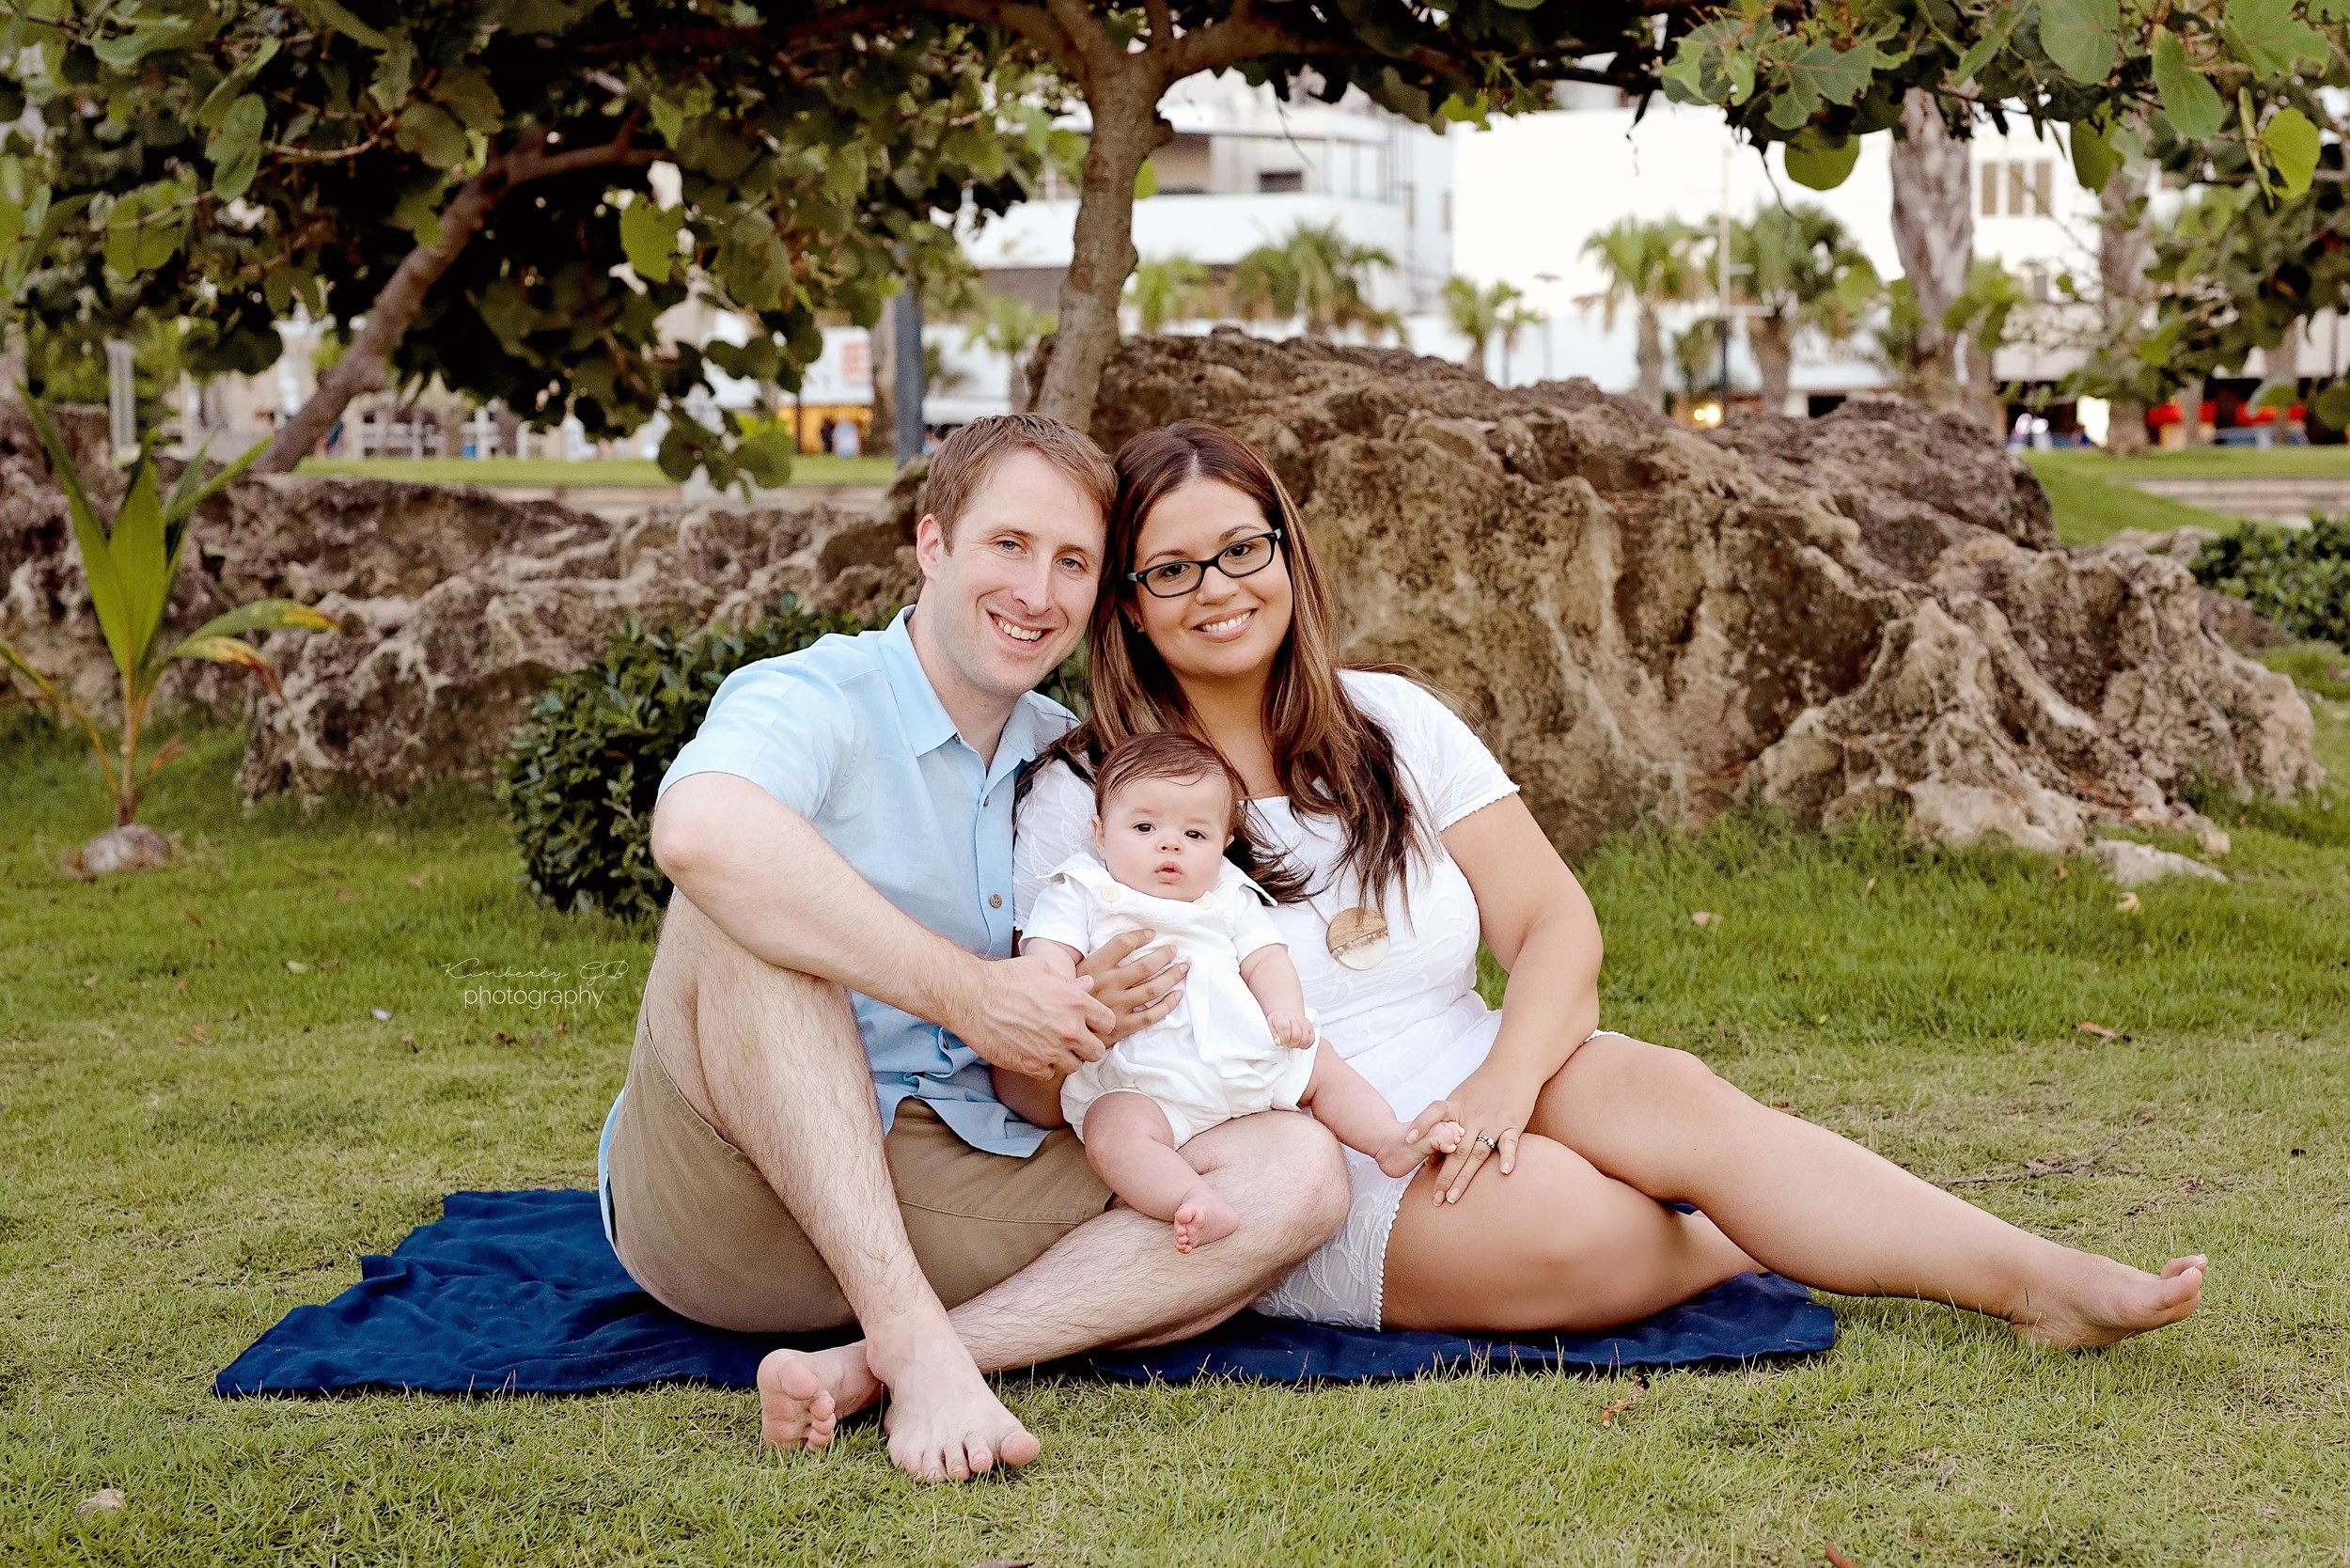 kimberly-gb-photography-fotografa-portrait-retrato-family-familia-puerto-rico-97.jpg